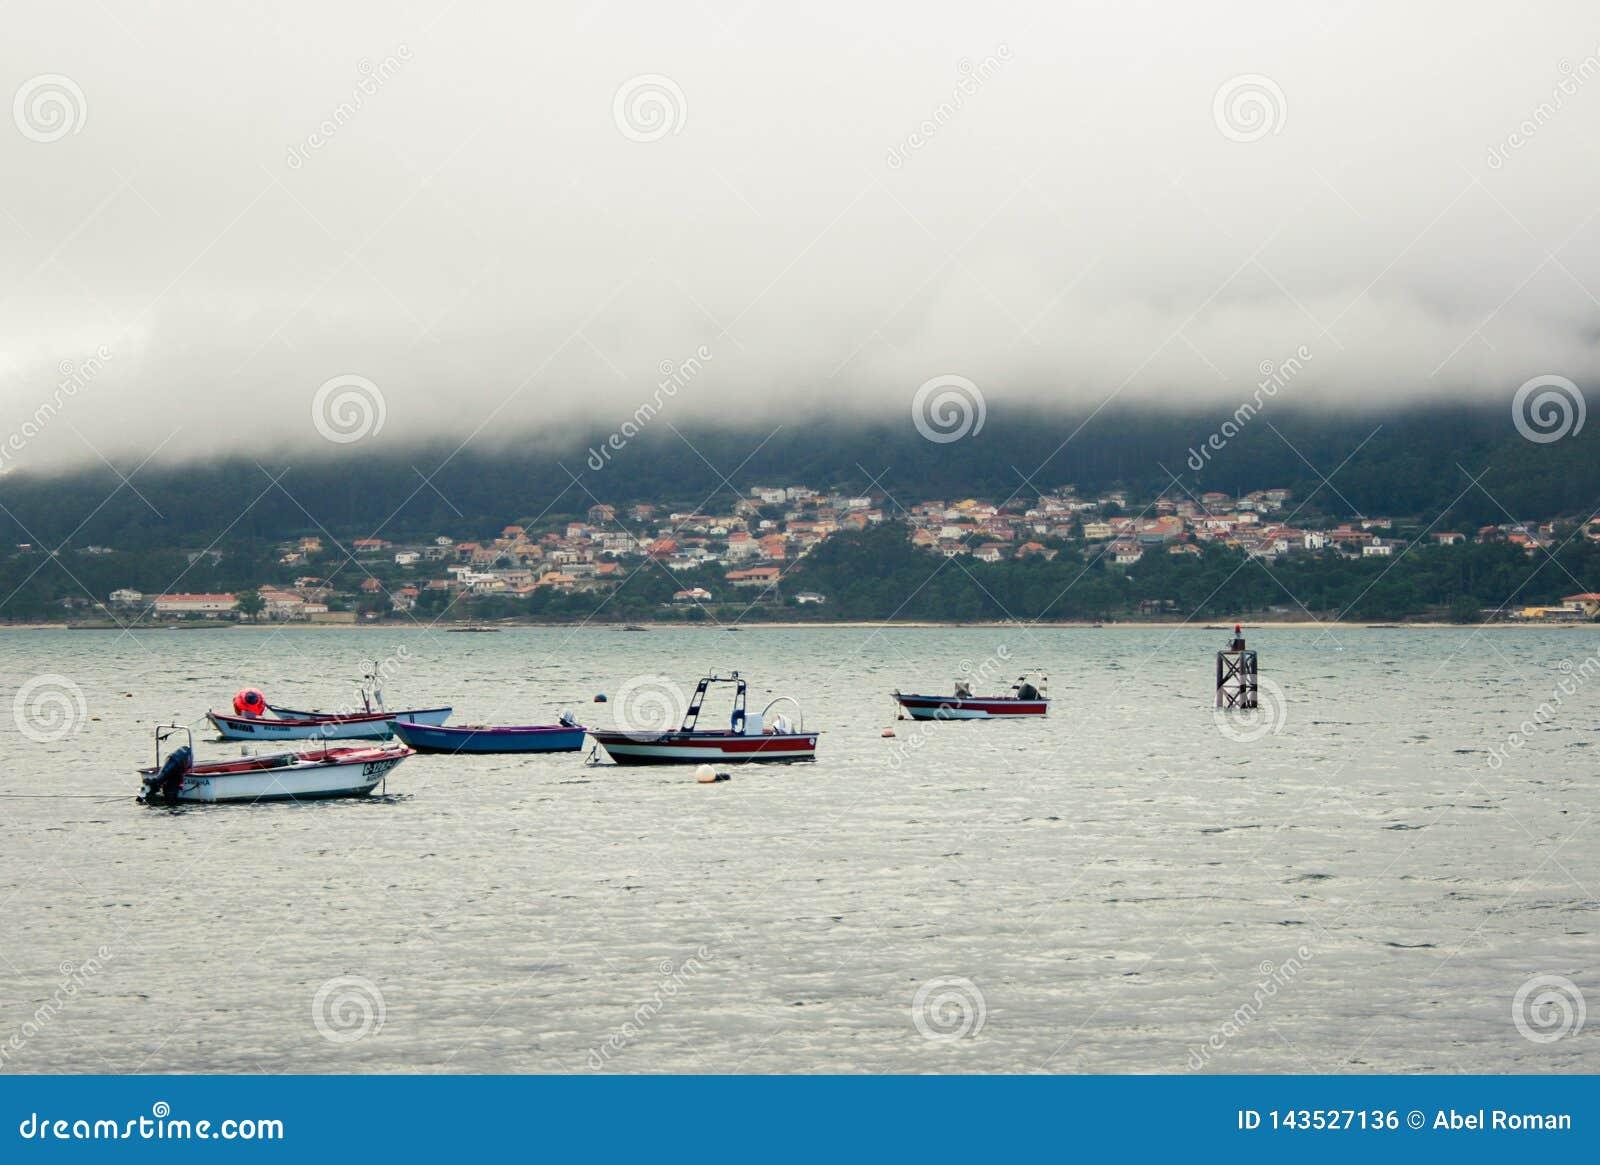 Tajemniczy morski miasteczko, łodzie i mgła,